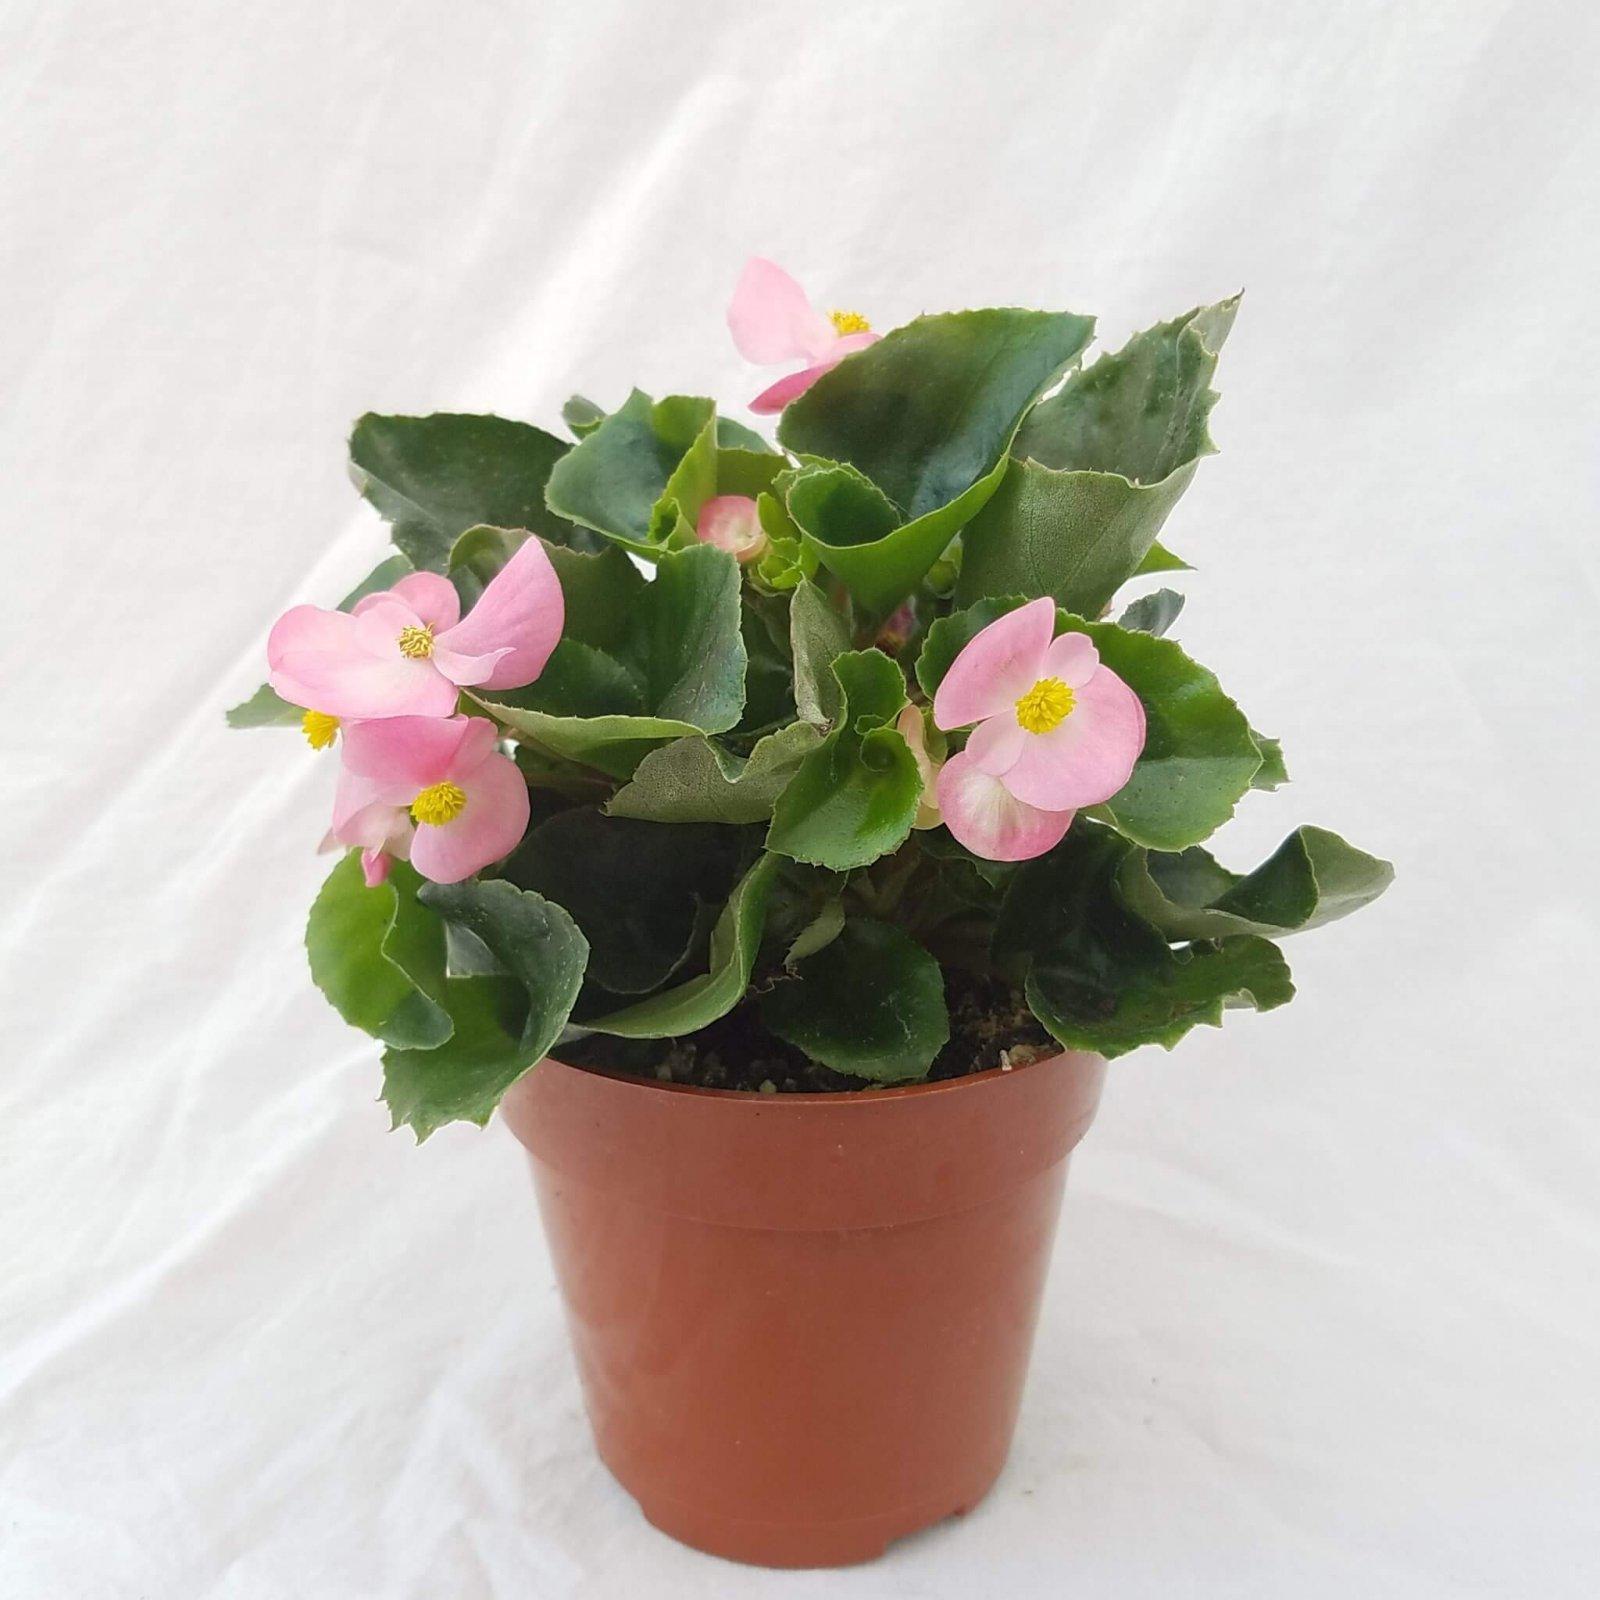 Begonia 'Prelude Pink' - 4 1/2